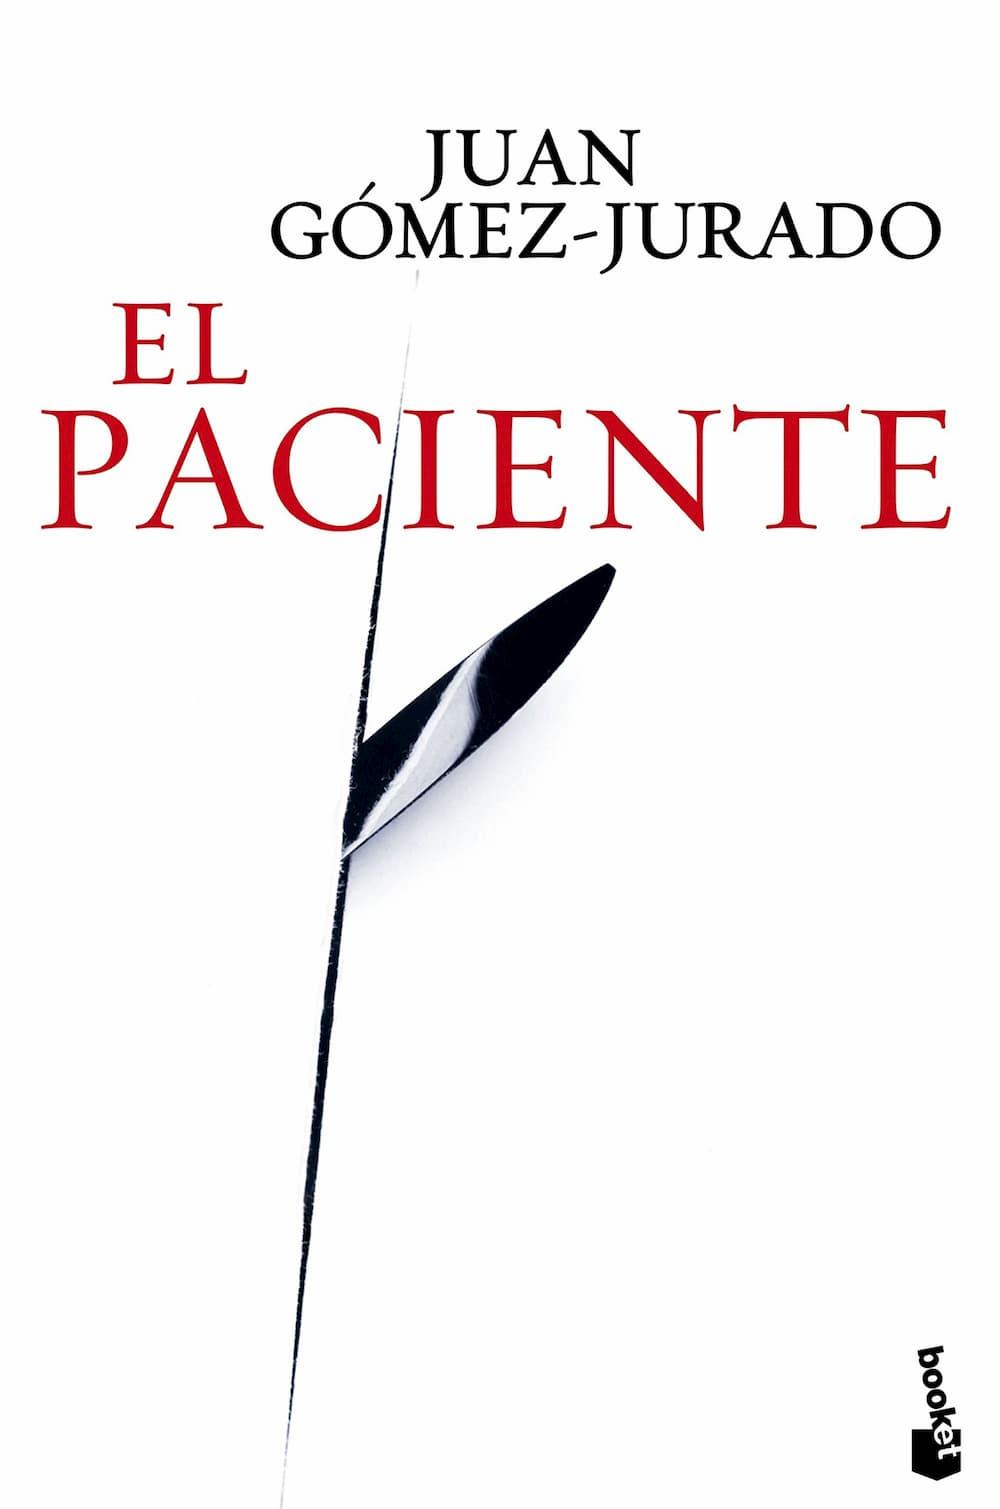 El paciente por Juan Gómez Jurado